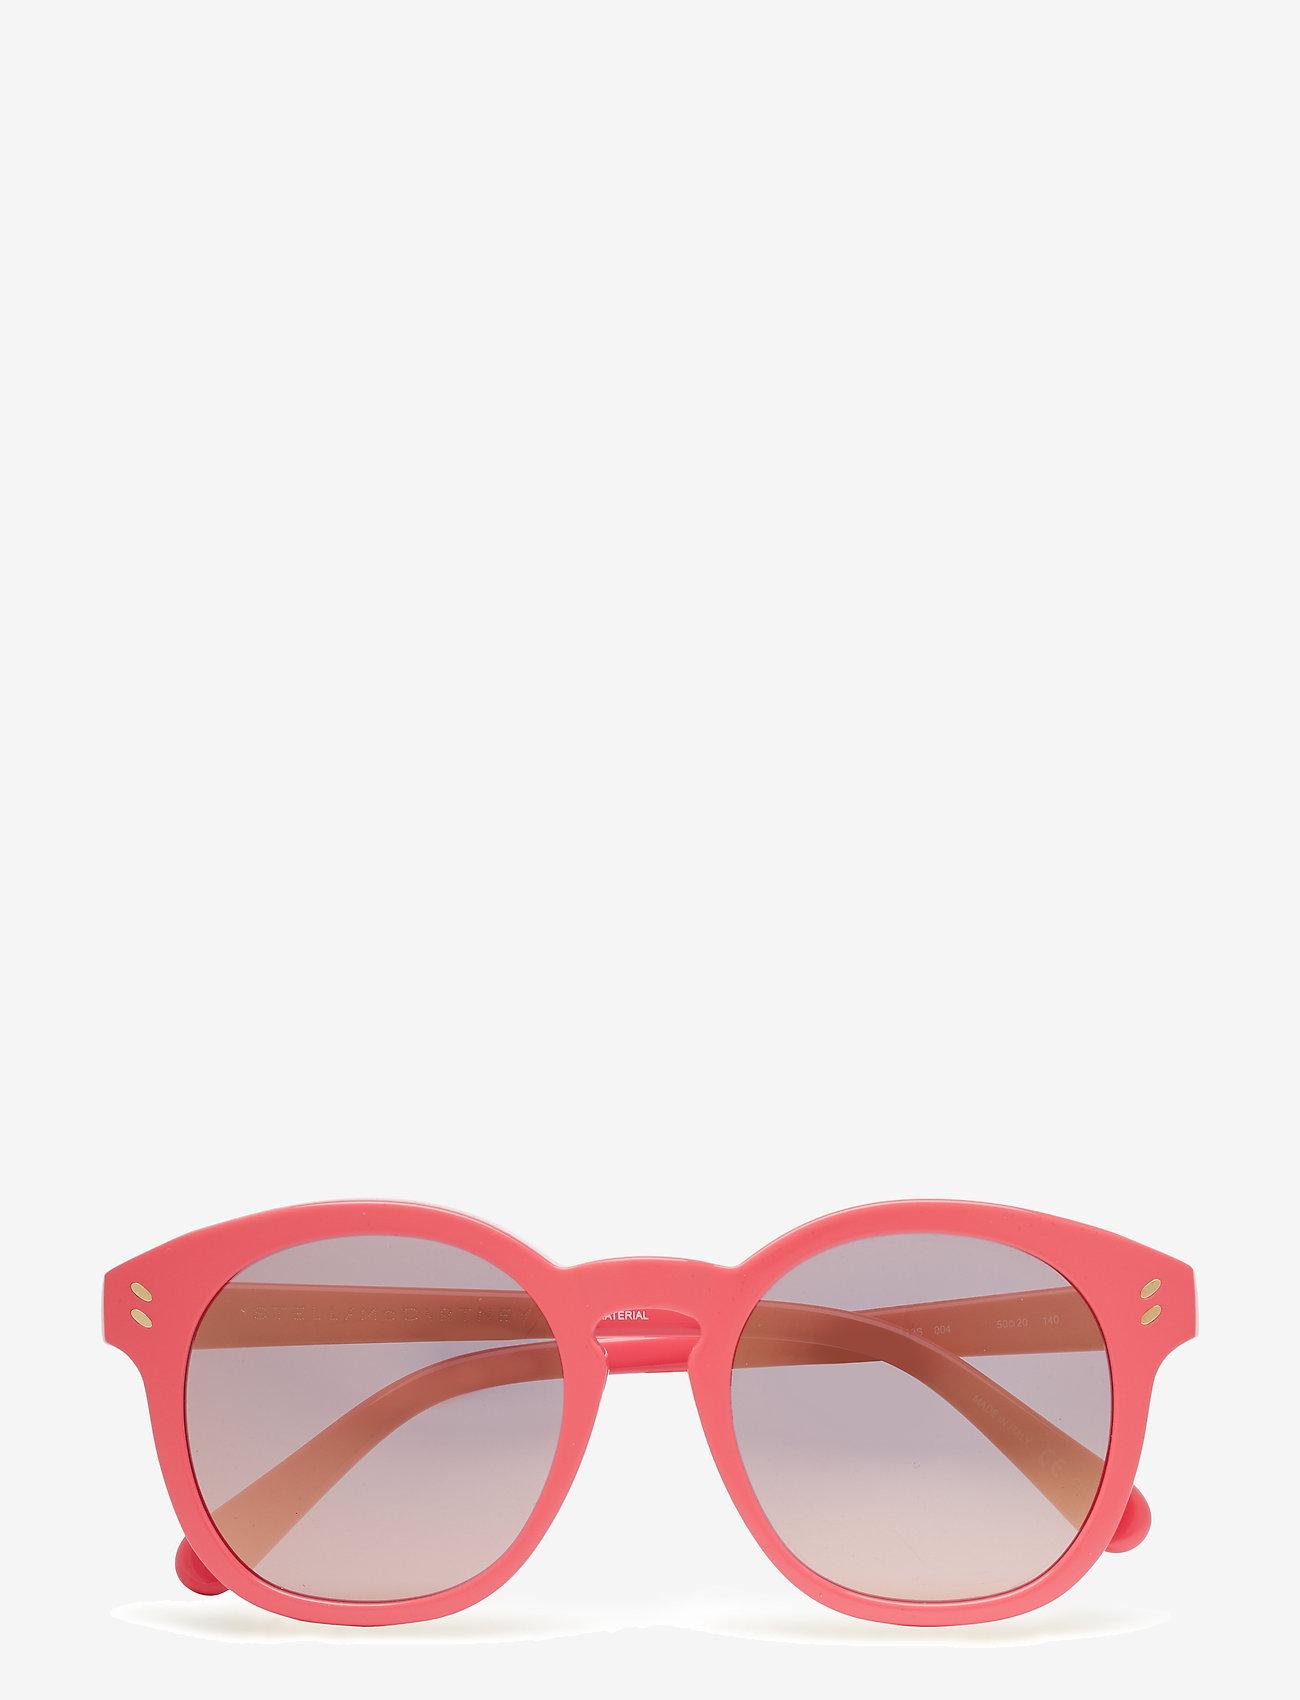 Stella McCartney Eyewear - SC0013S - round frame - pink-pink-pink - 0